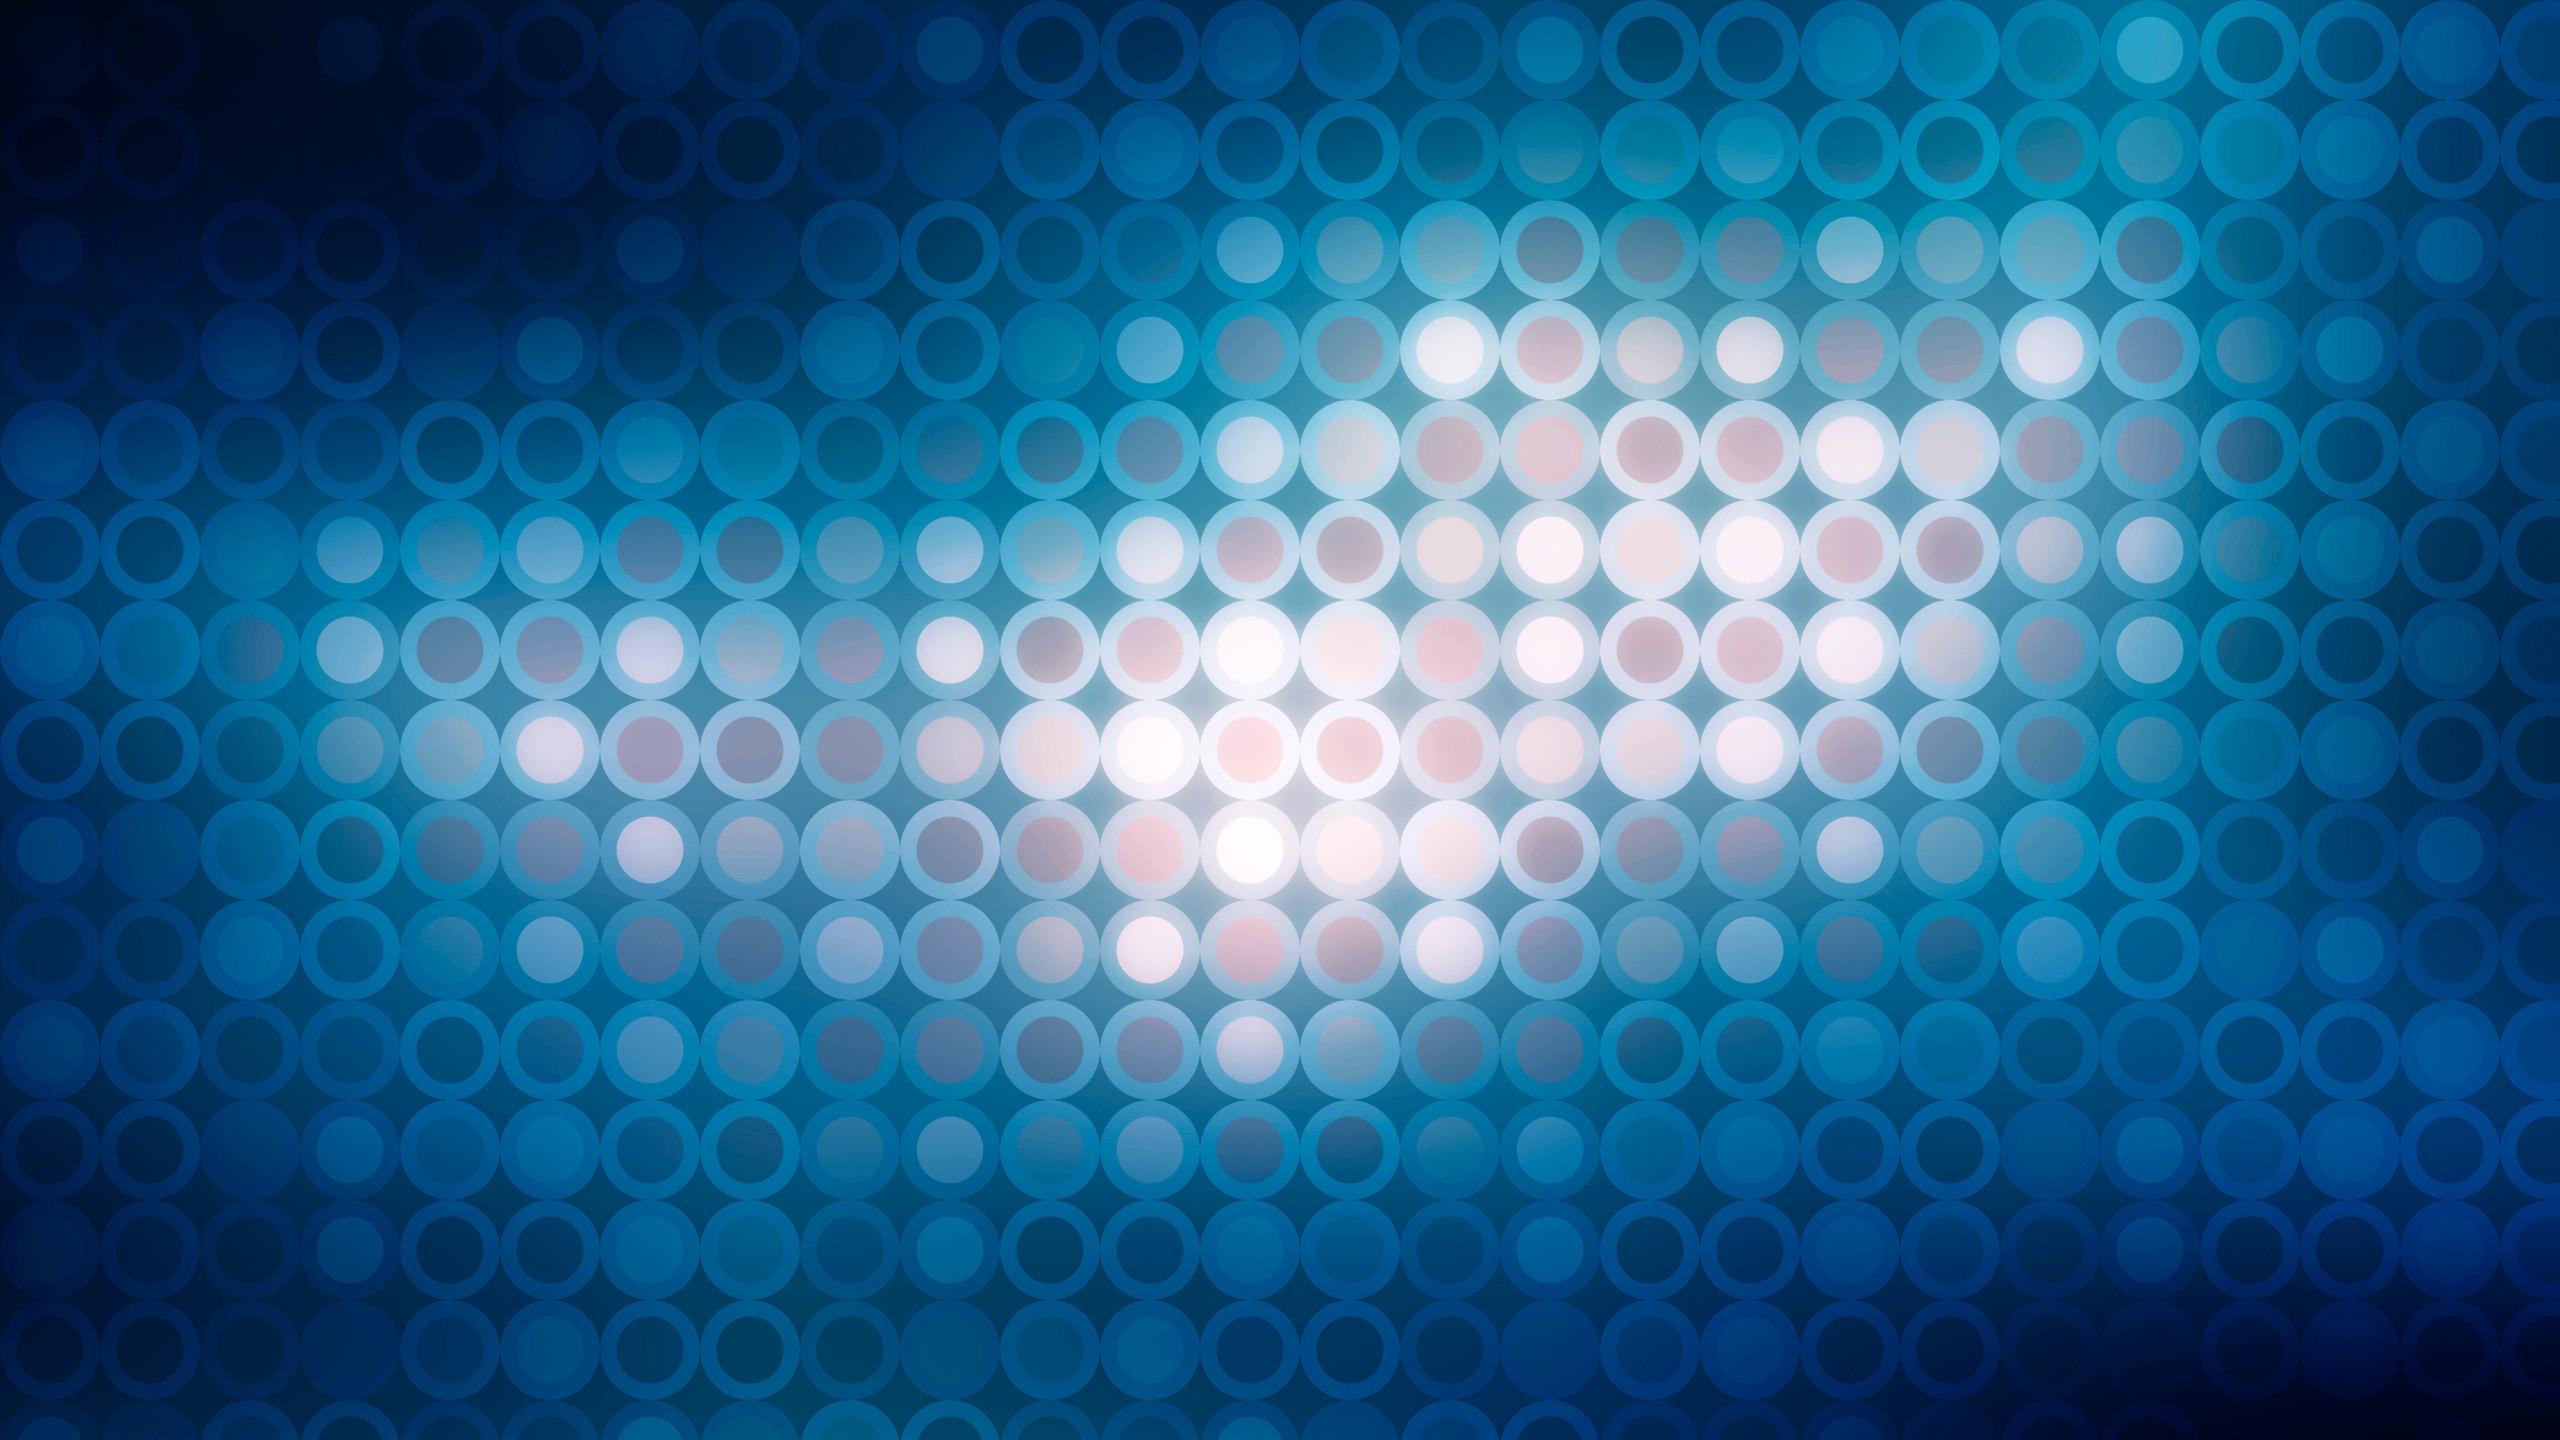 графика абстракция текстура graphics abstraction texture  № 2076305 бесплатно